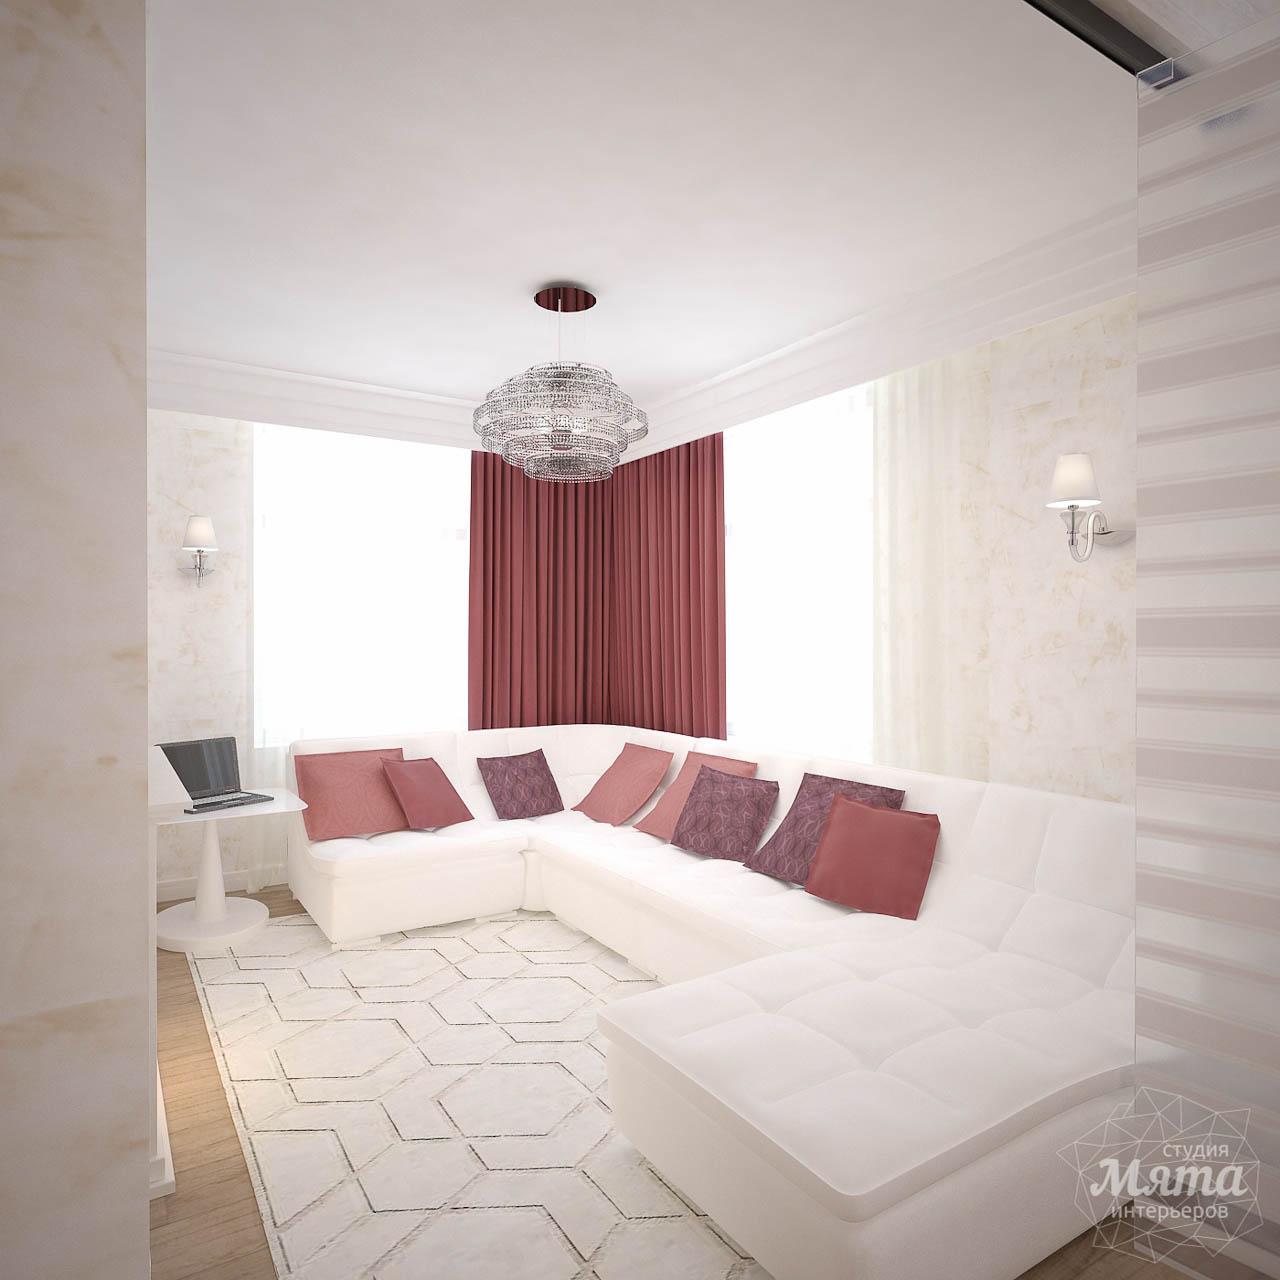 Дизайн интерьера четырехкомнатной квартиры по ул. Шевченко 18 img1338848602